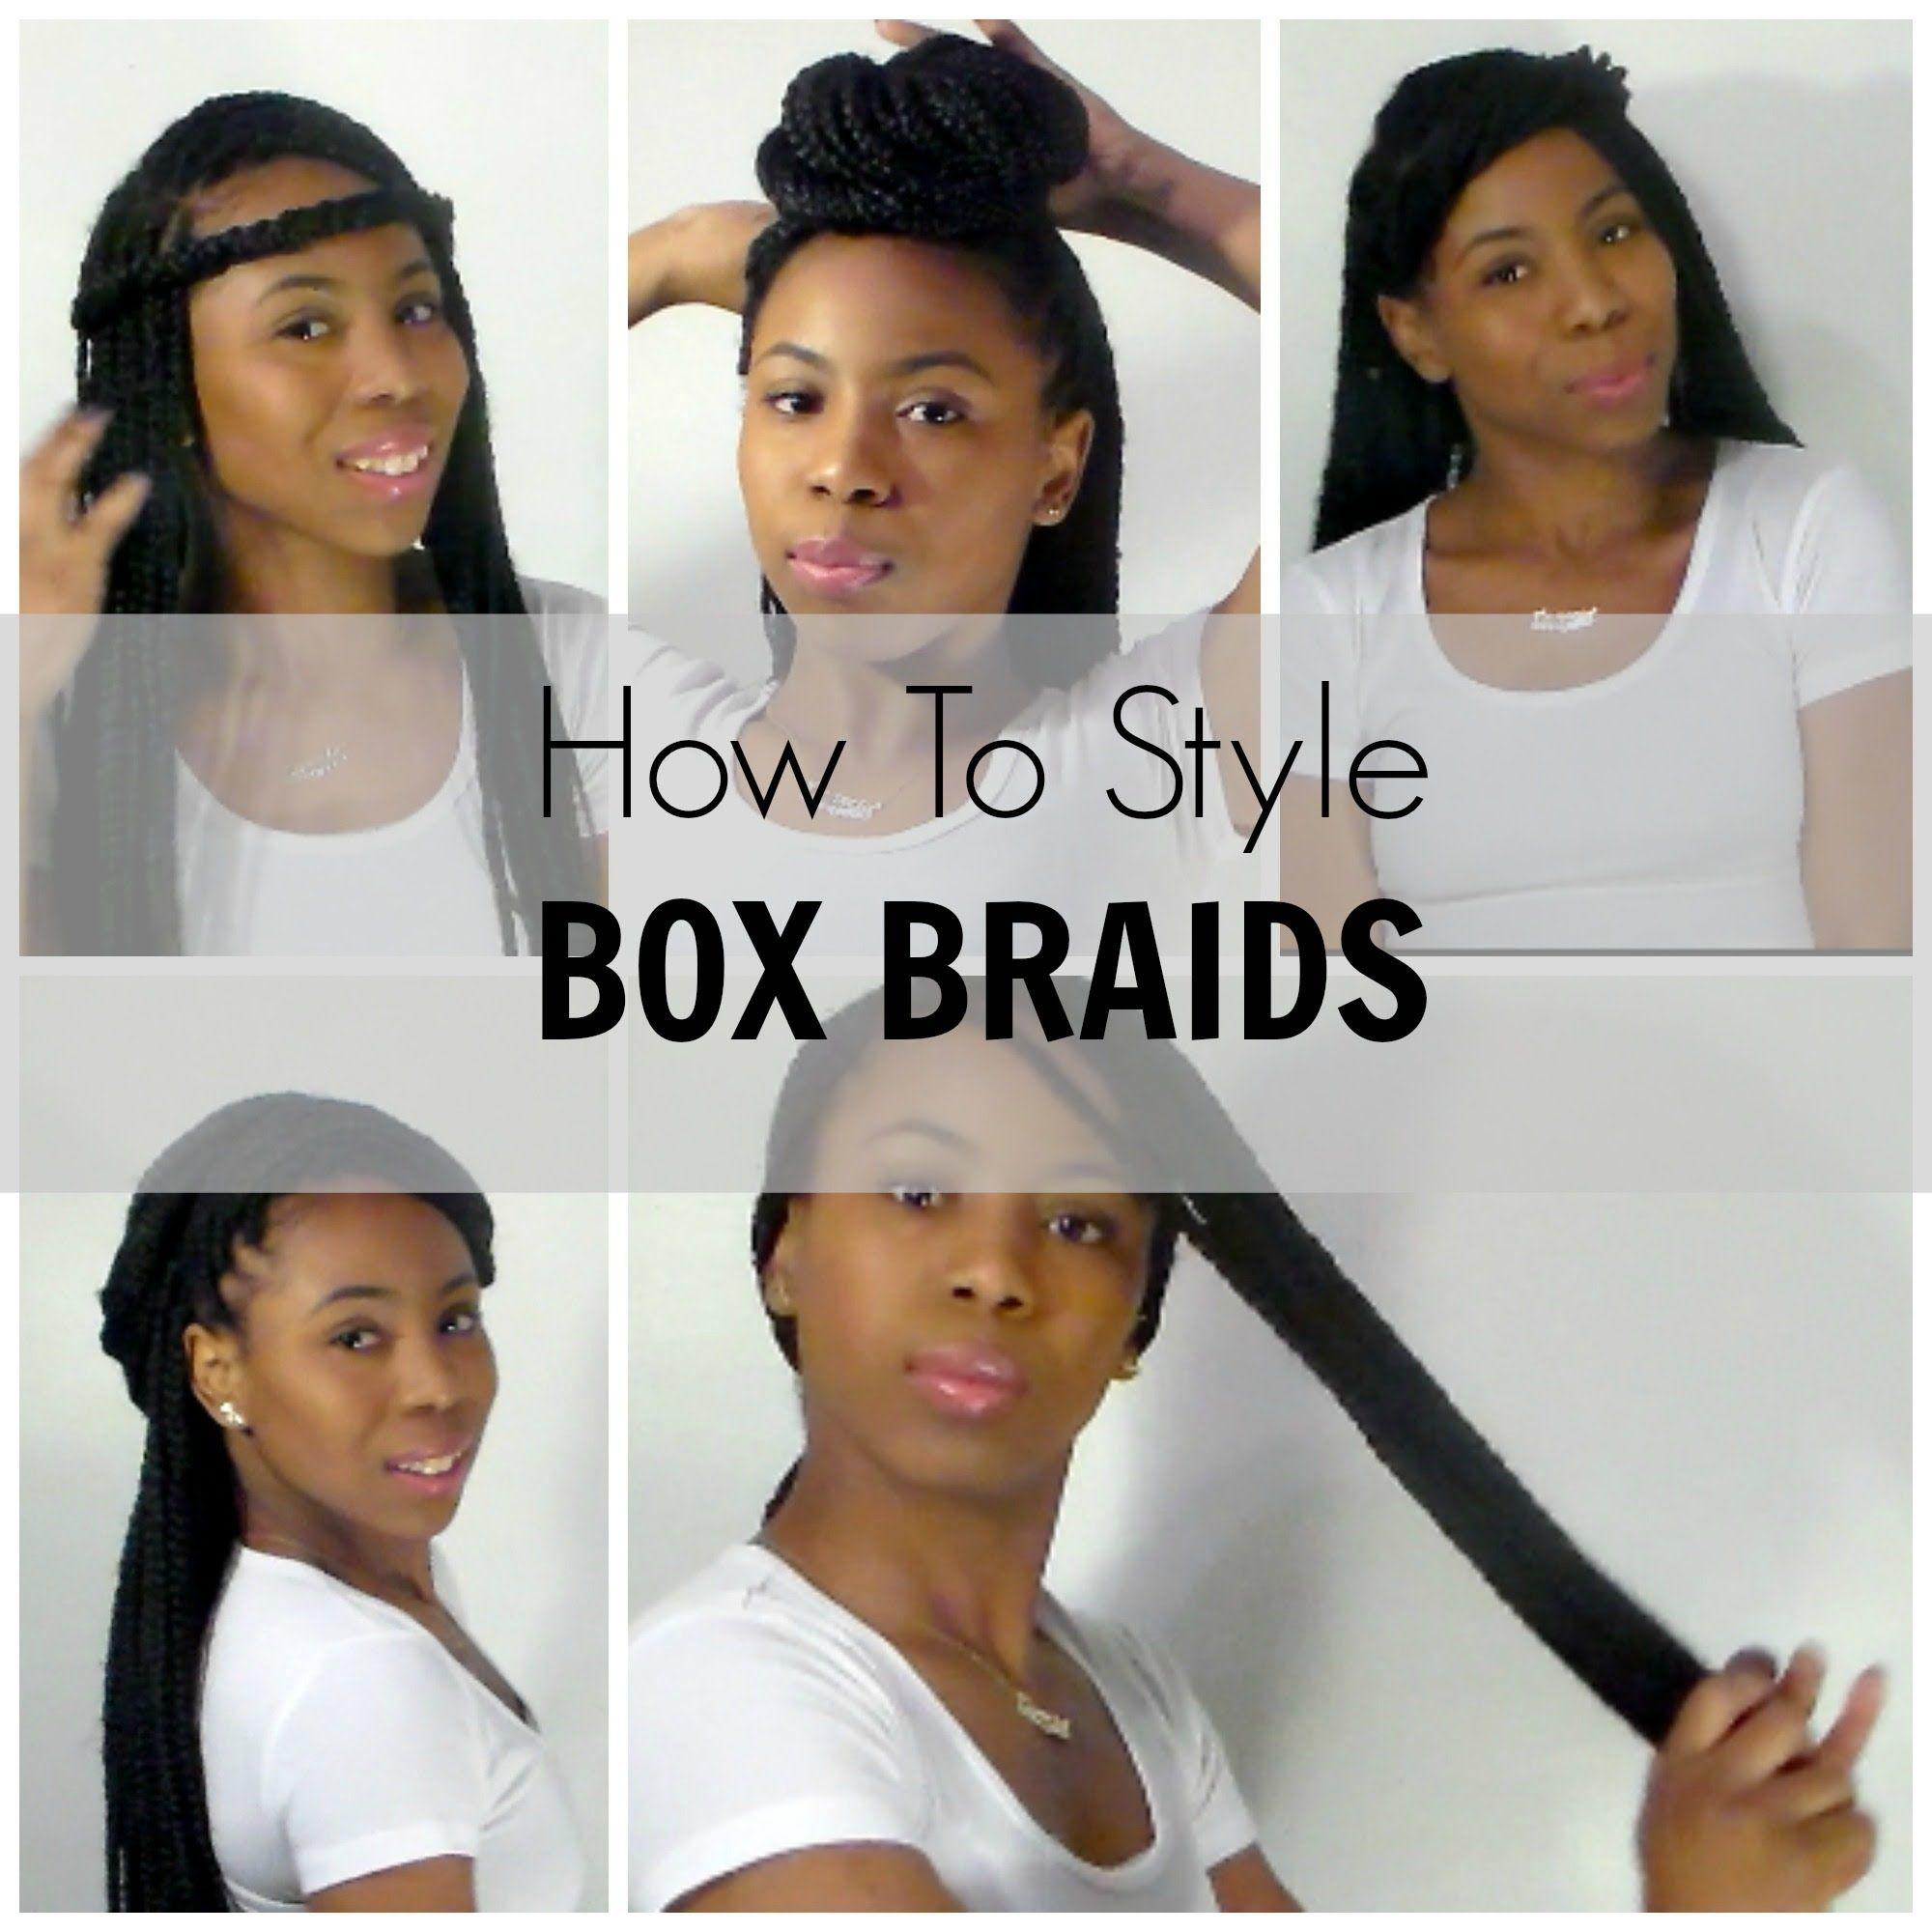 50 box braids hairstyles that turn heads | ios app, ios and app